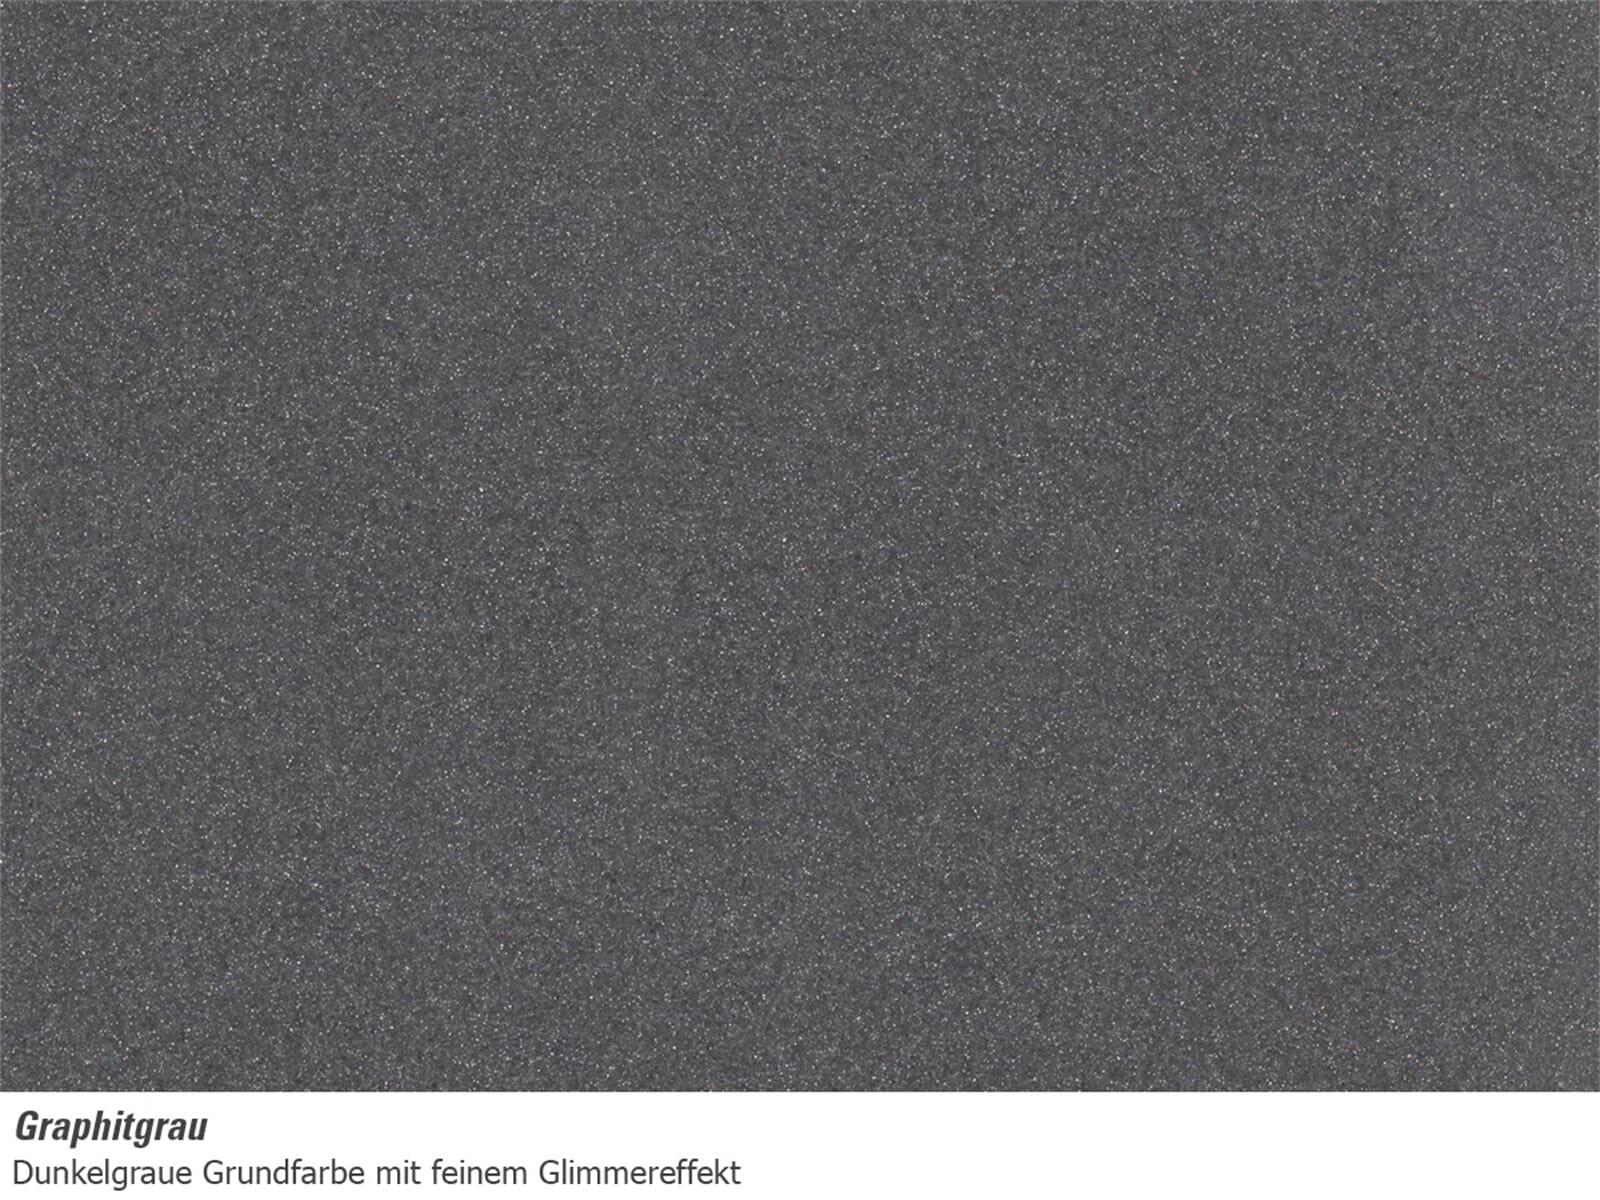 Astracast Vortex Graphitgrau Granit-Abtropffläche